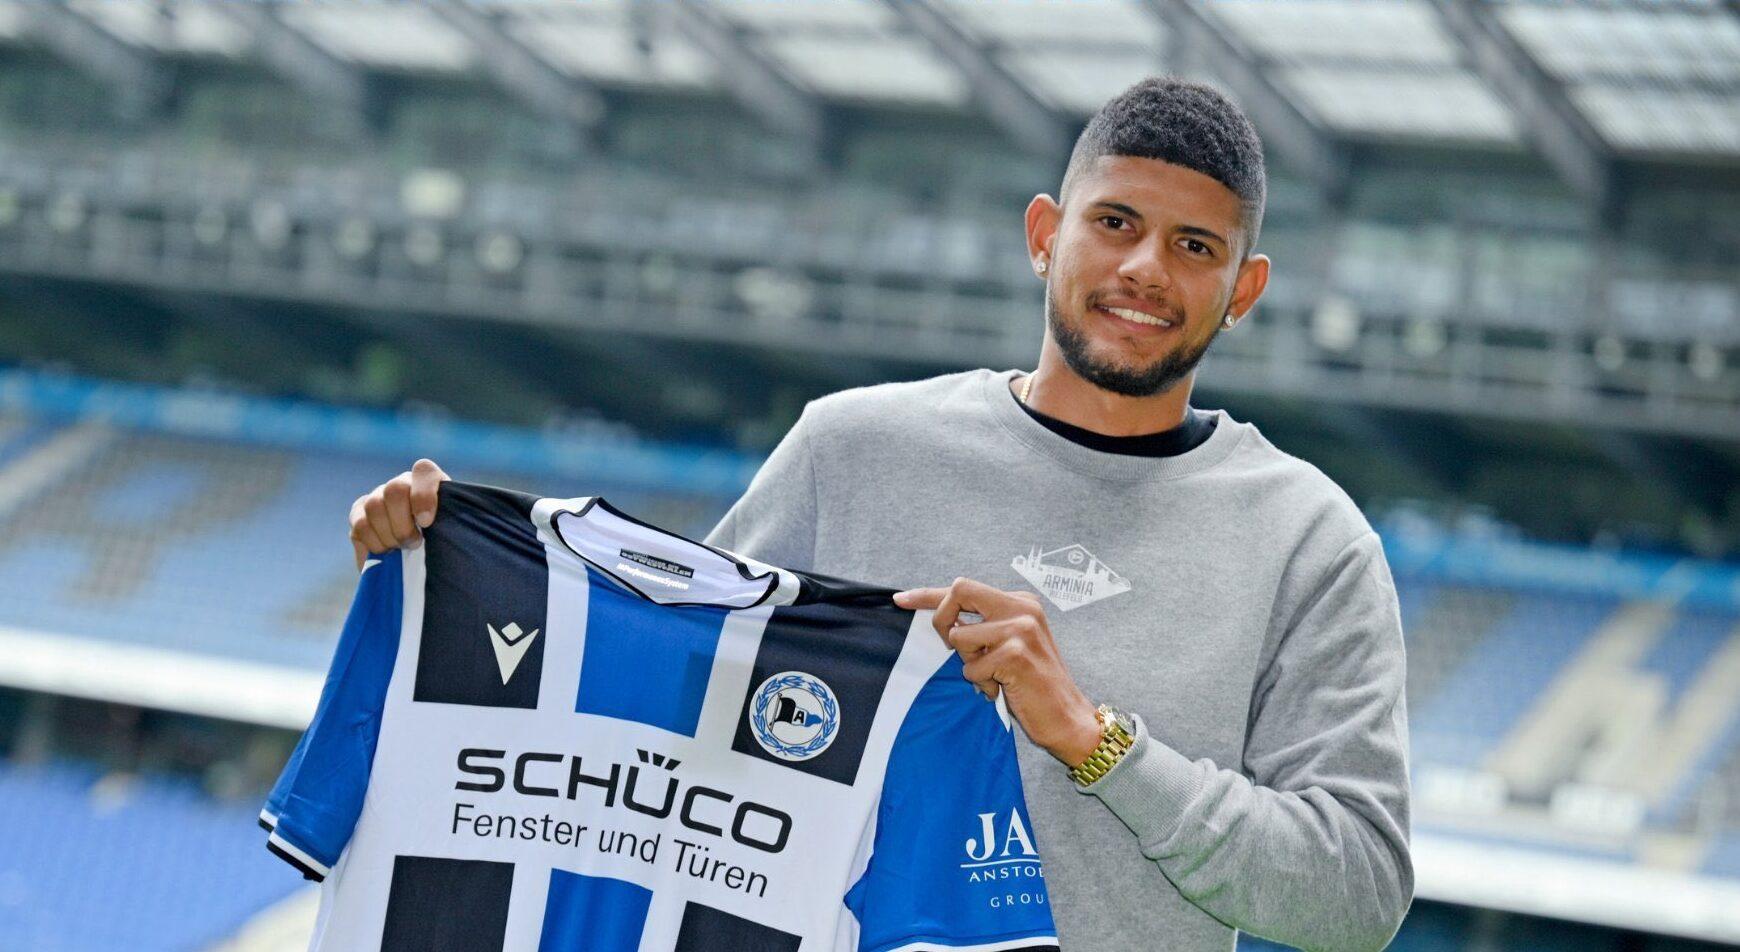 El seleccionado panameño Andrés Andrade jugará en el Arminia Bielefeld anunció este martes el club de la primera Bundesliga alemana.